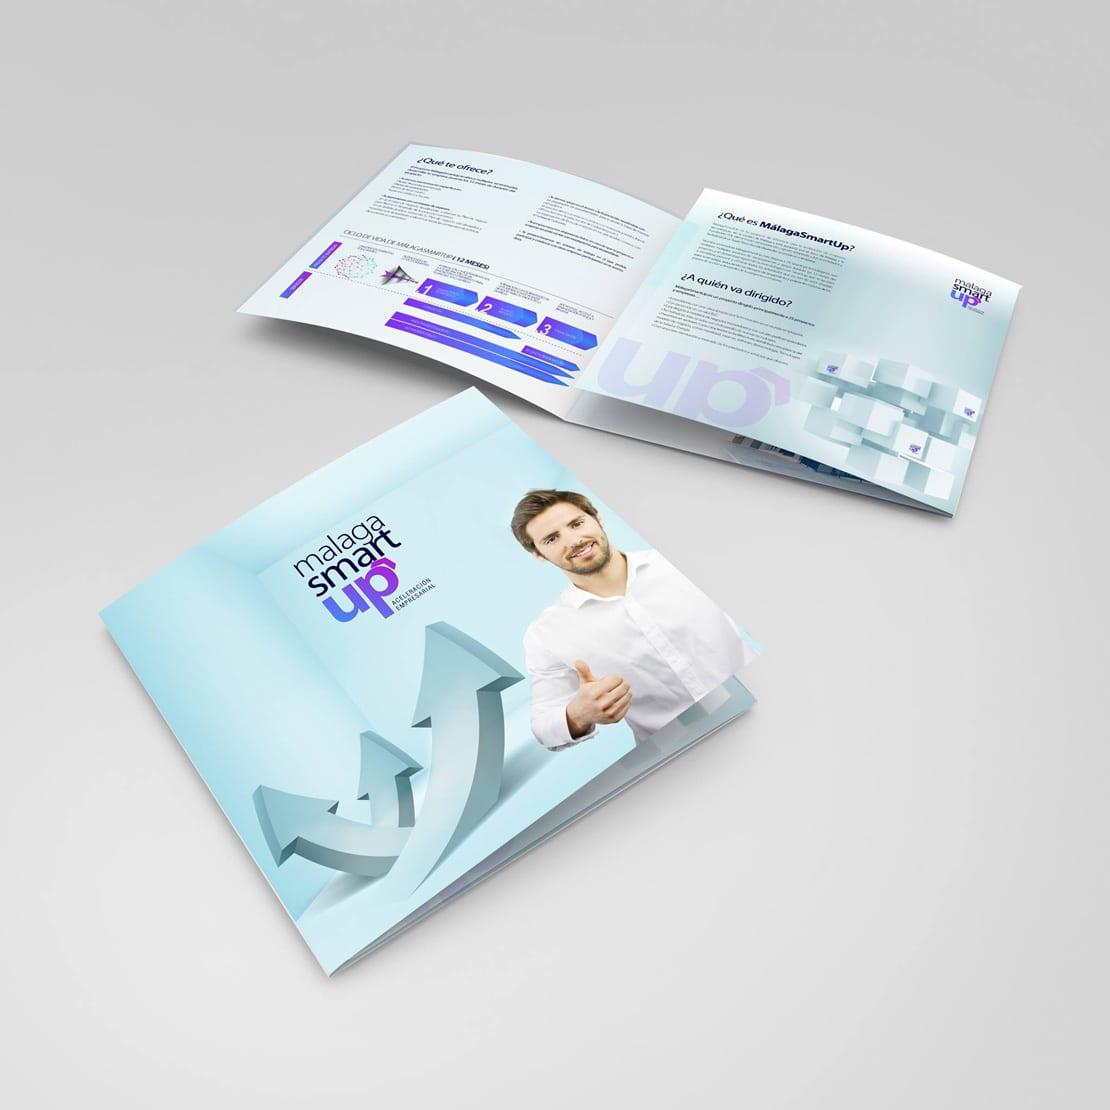 diseño de folleto publicitario para empresa